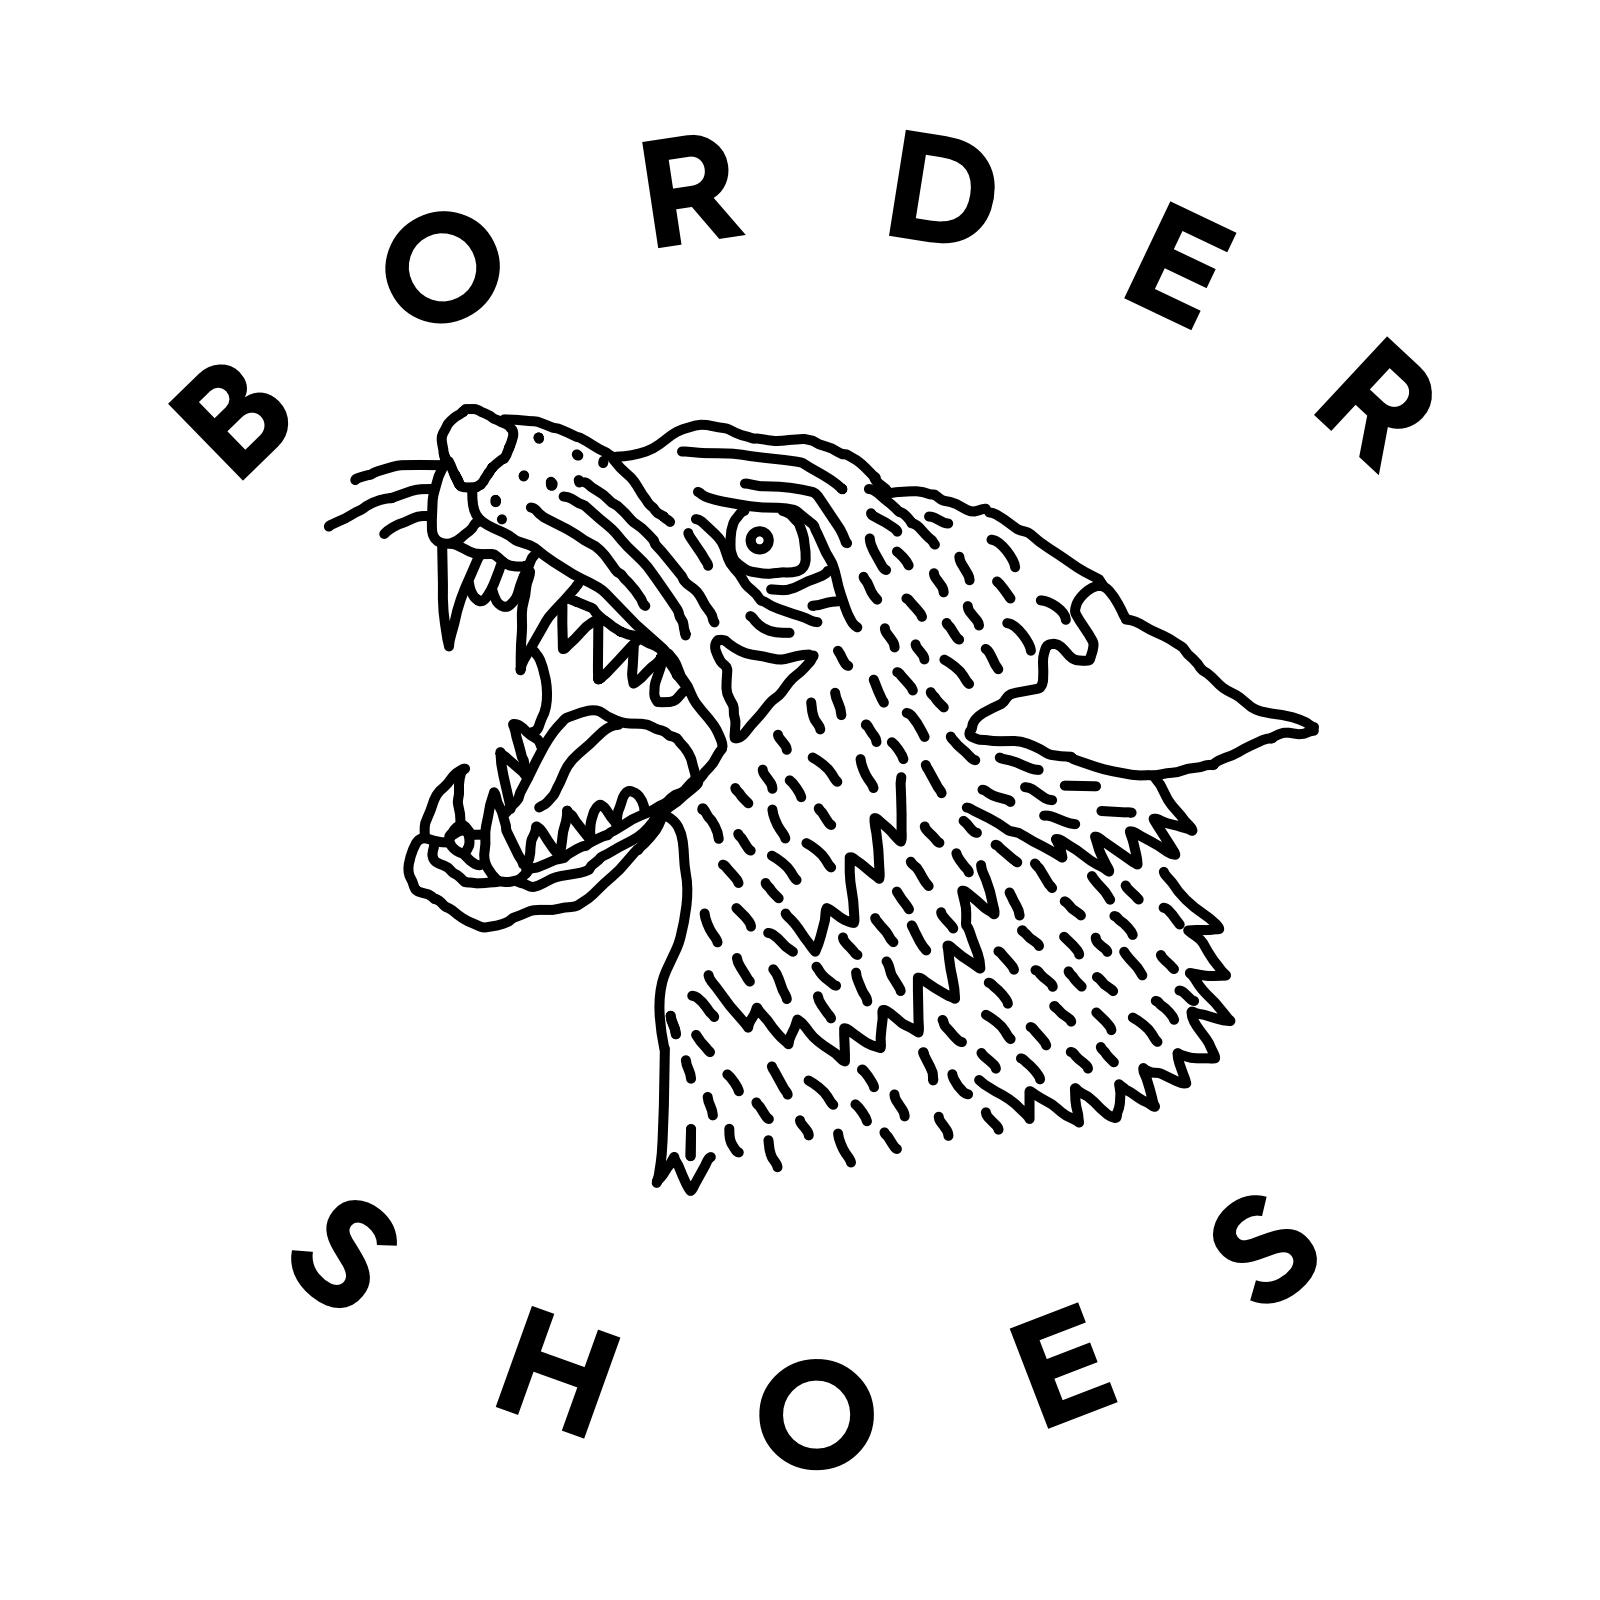 bordershoes